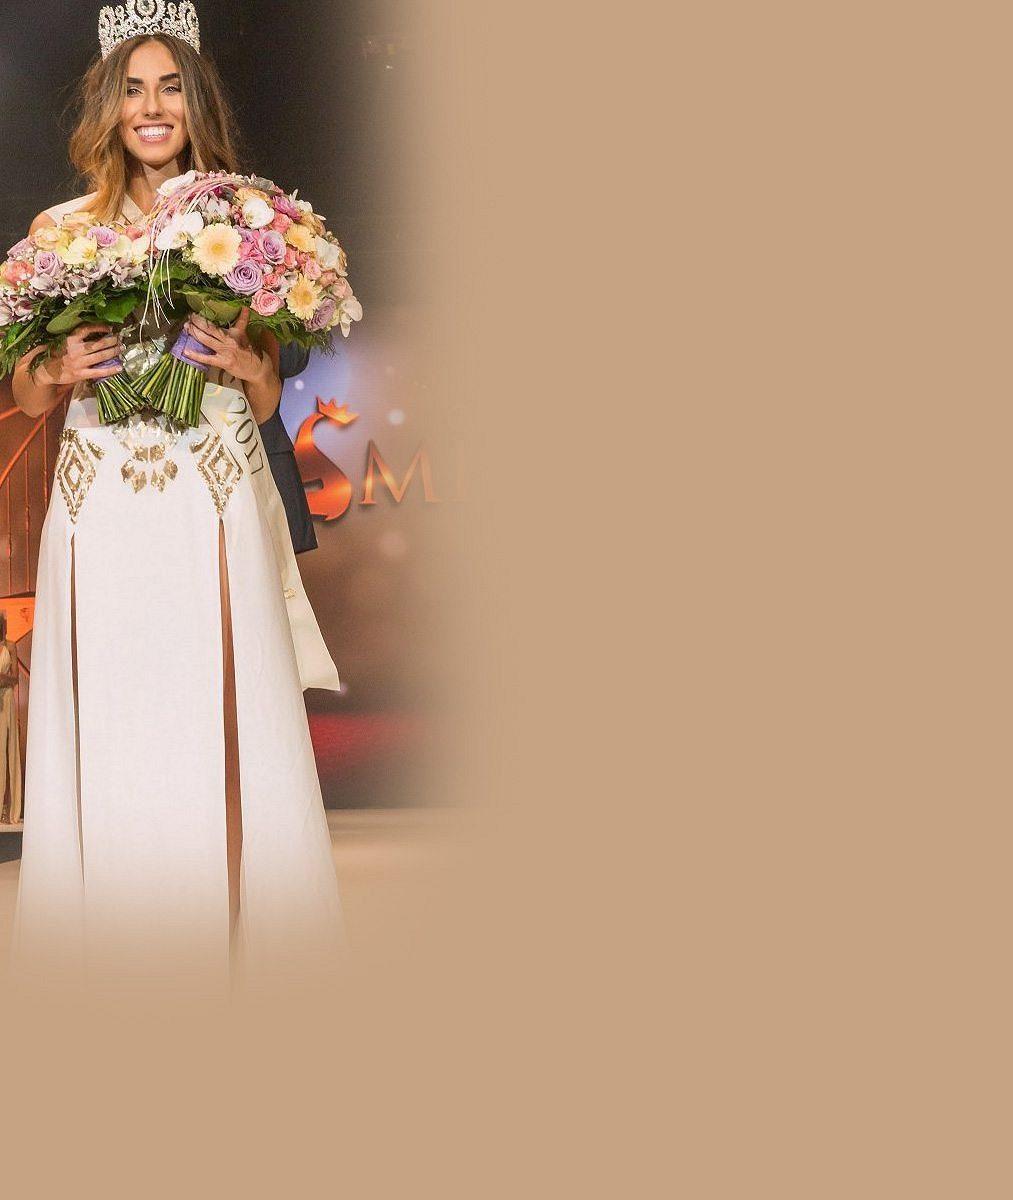 Desítka účastnic České Miss naběhla před finále ke kadeřníkovi. Jedna byla nadšená z růžové hlavy, druhá oplakala zkrácení